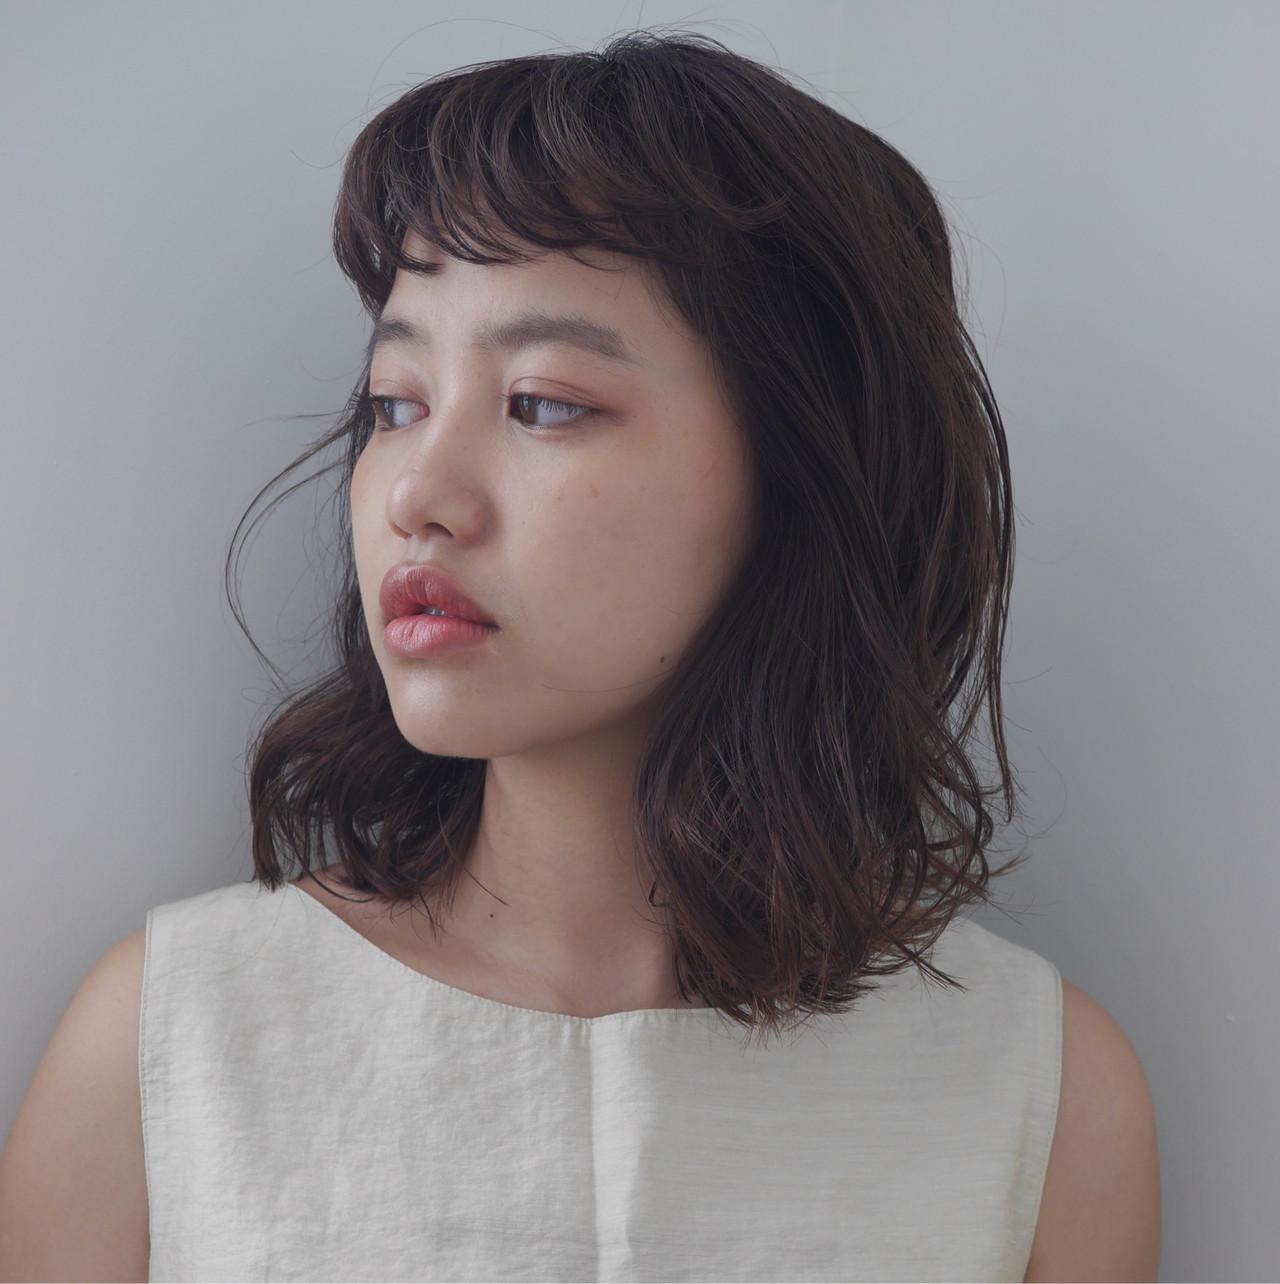 ゆるウェーブ ミディアムヘアー ゆる巻き ゆるナチュラル ヘアスタイルや髪型の写真・画像 | 井浦果歩 / ecouter